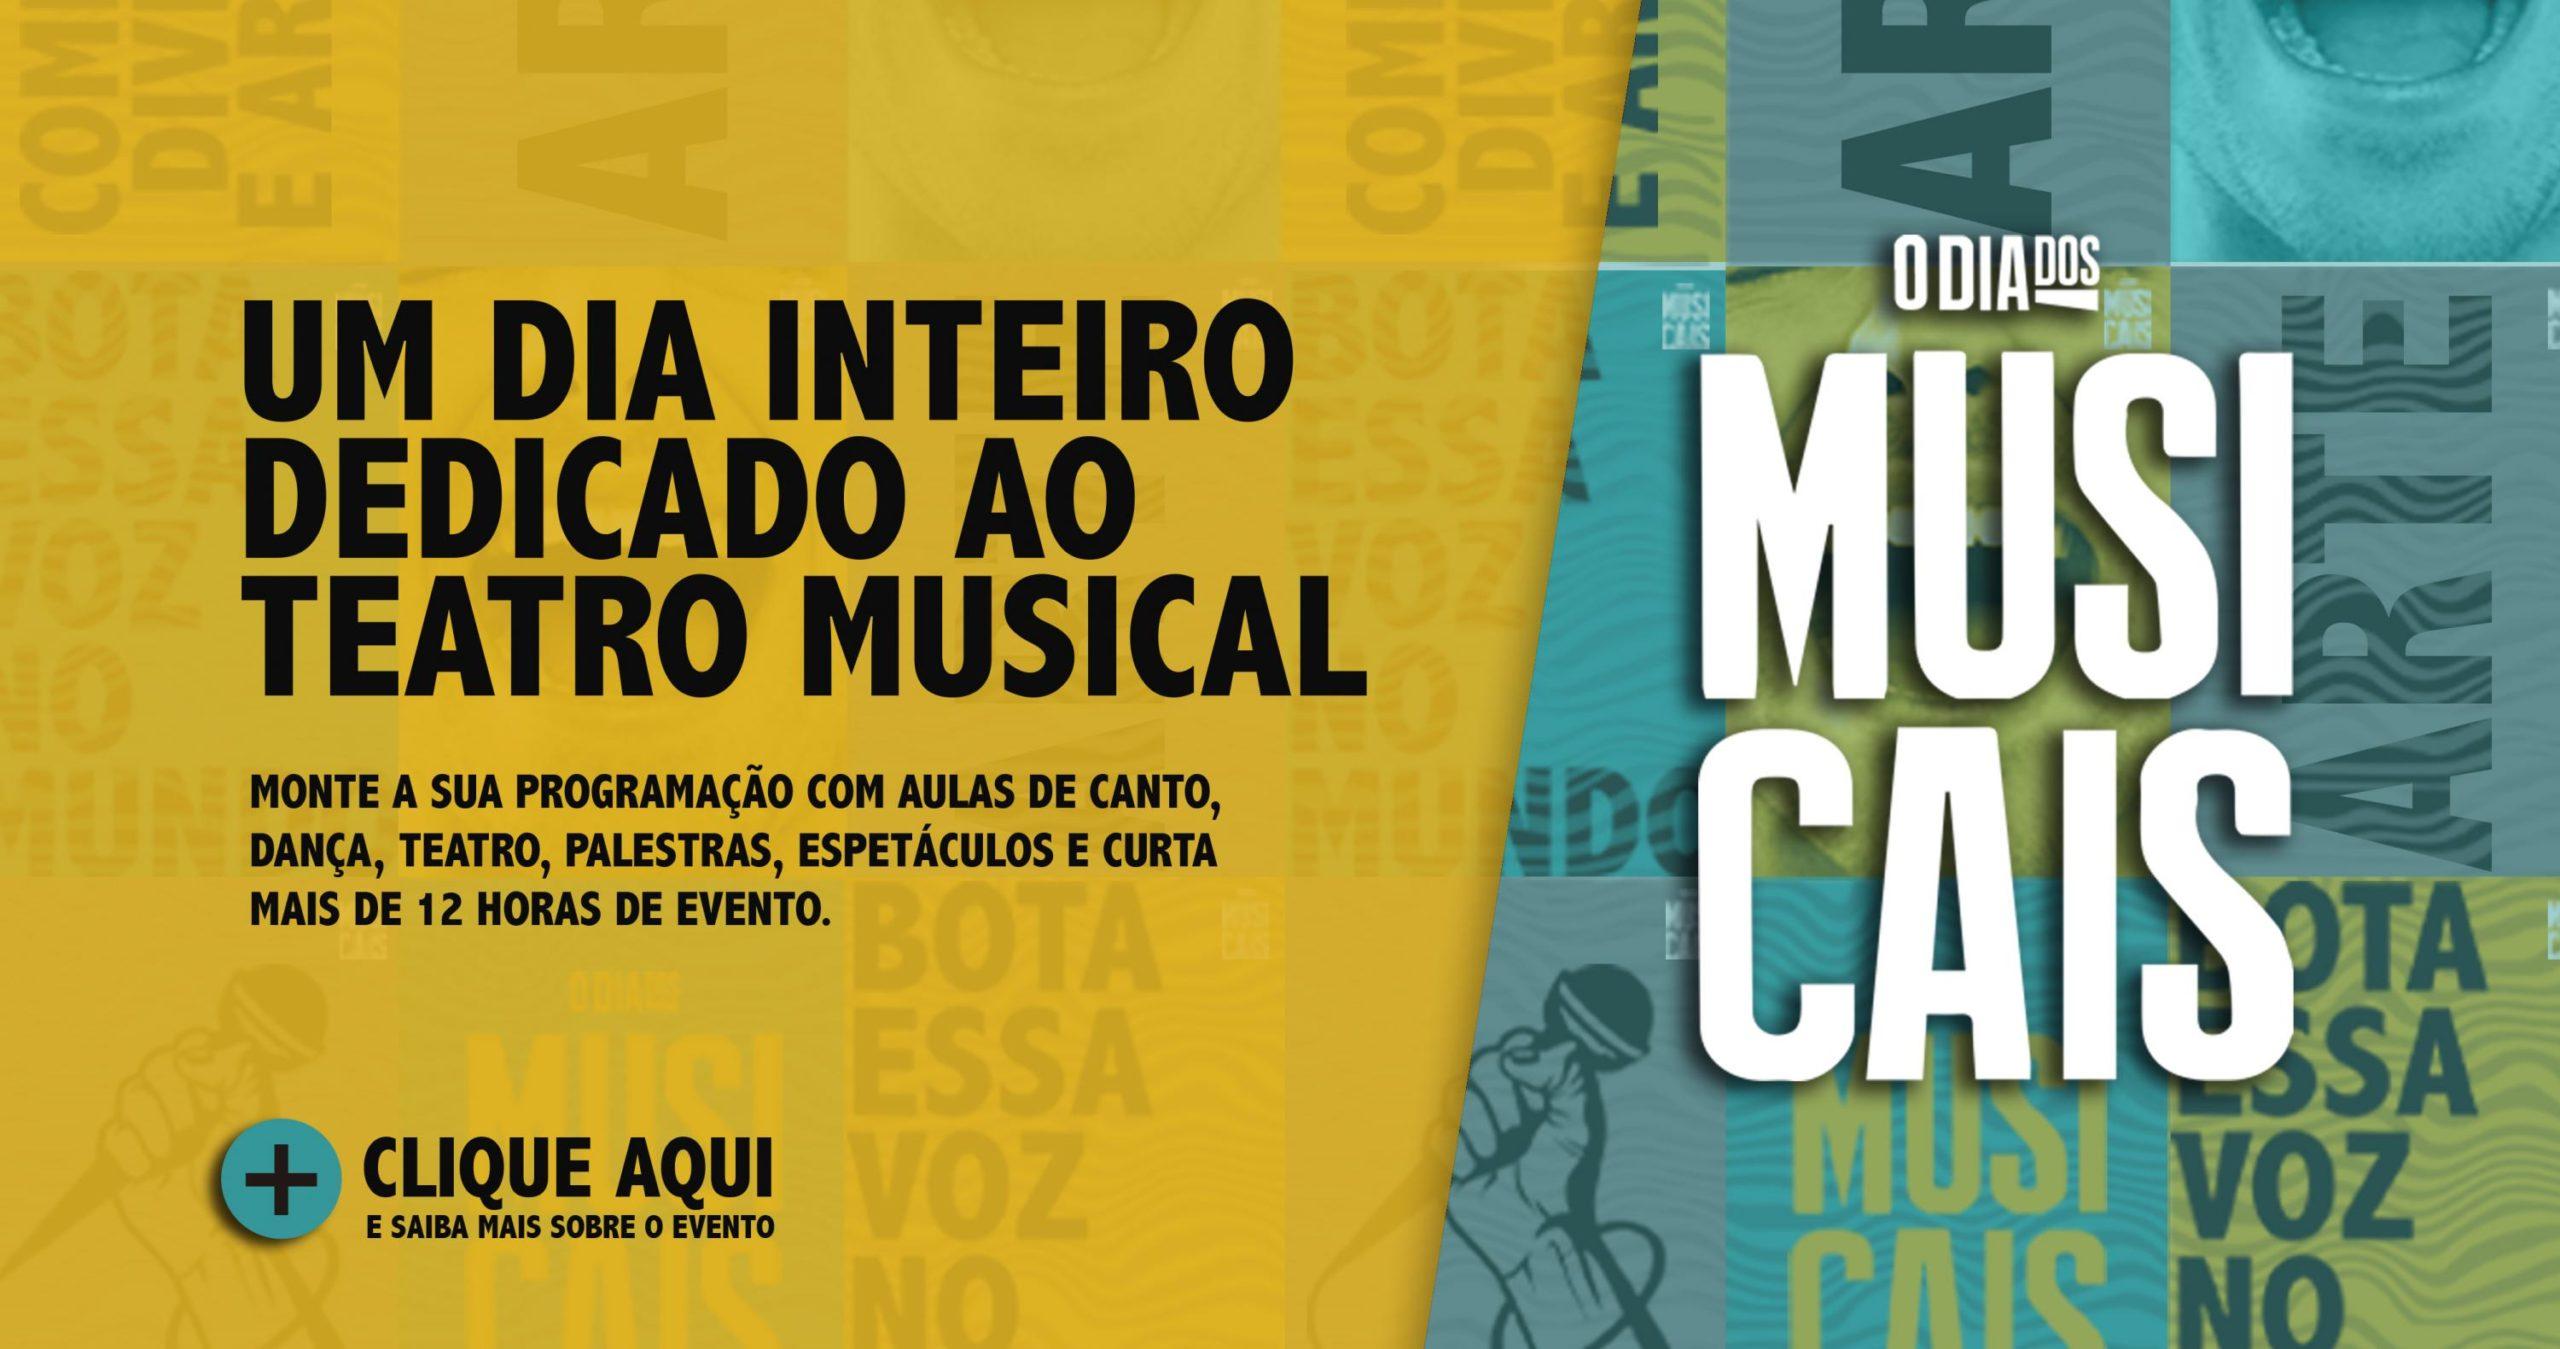 Photo of O Dia dos Musicais chega ao Rio de Janeiro em sua quinta edição